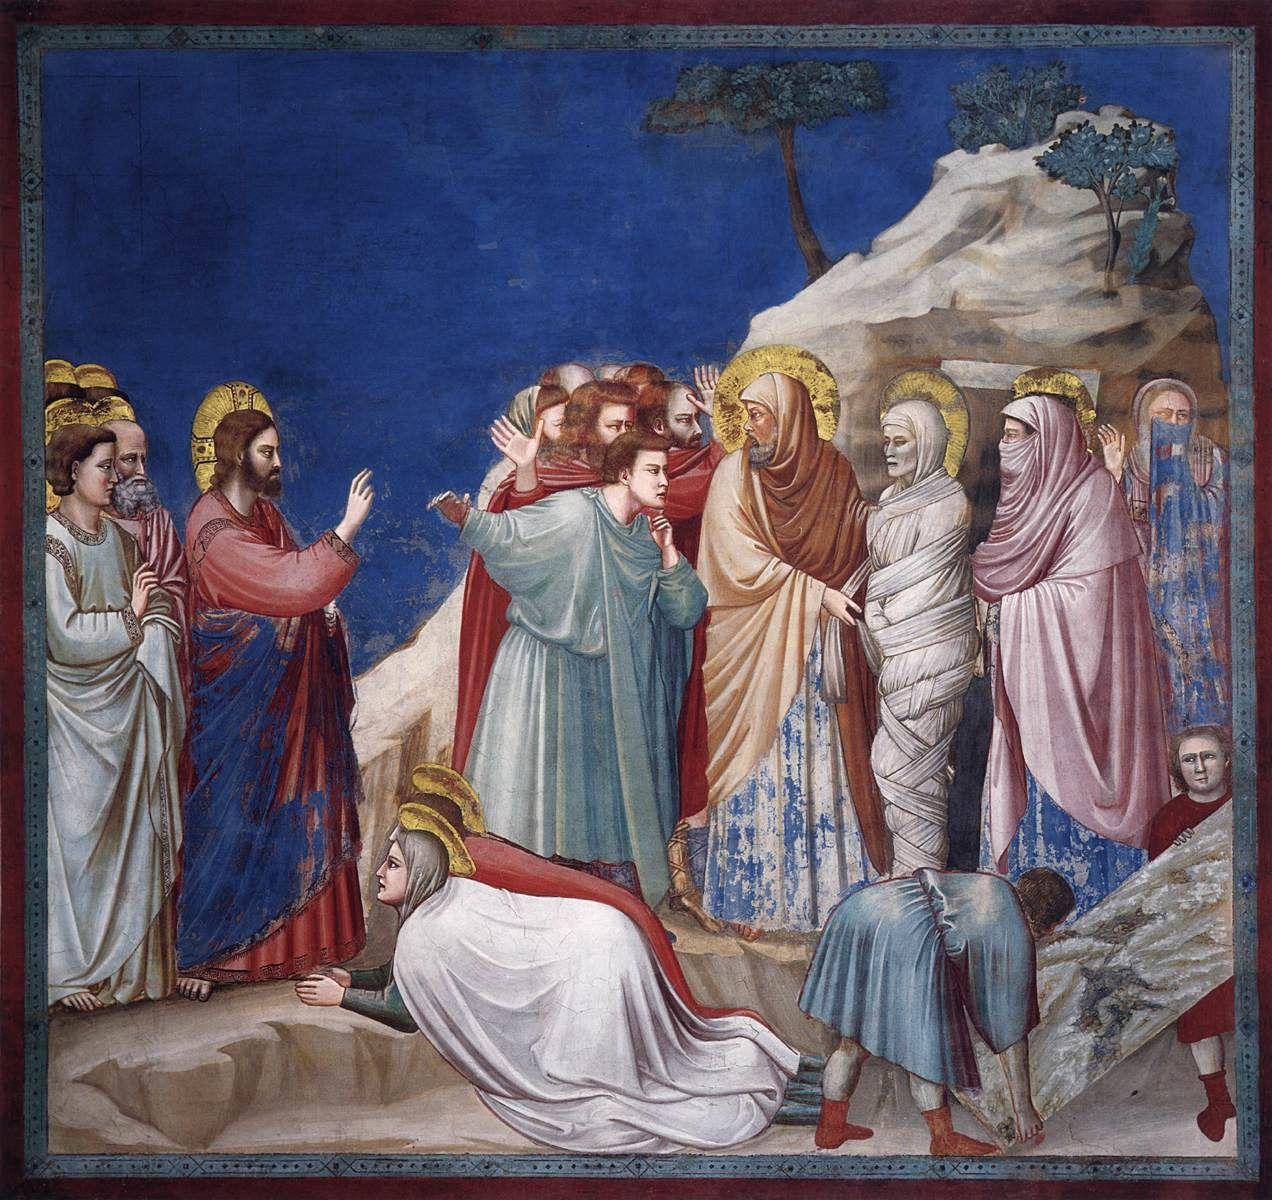 Il y avait un homme malade nommé Lazare qui était du bourg de Béthanie où demeuraient Marie et Marthe sa sœur